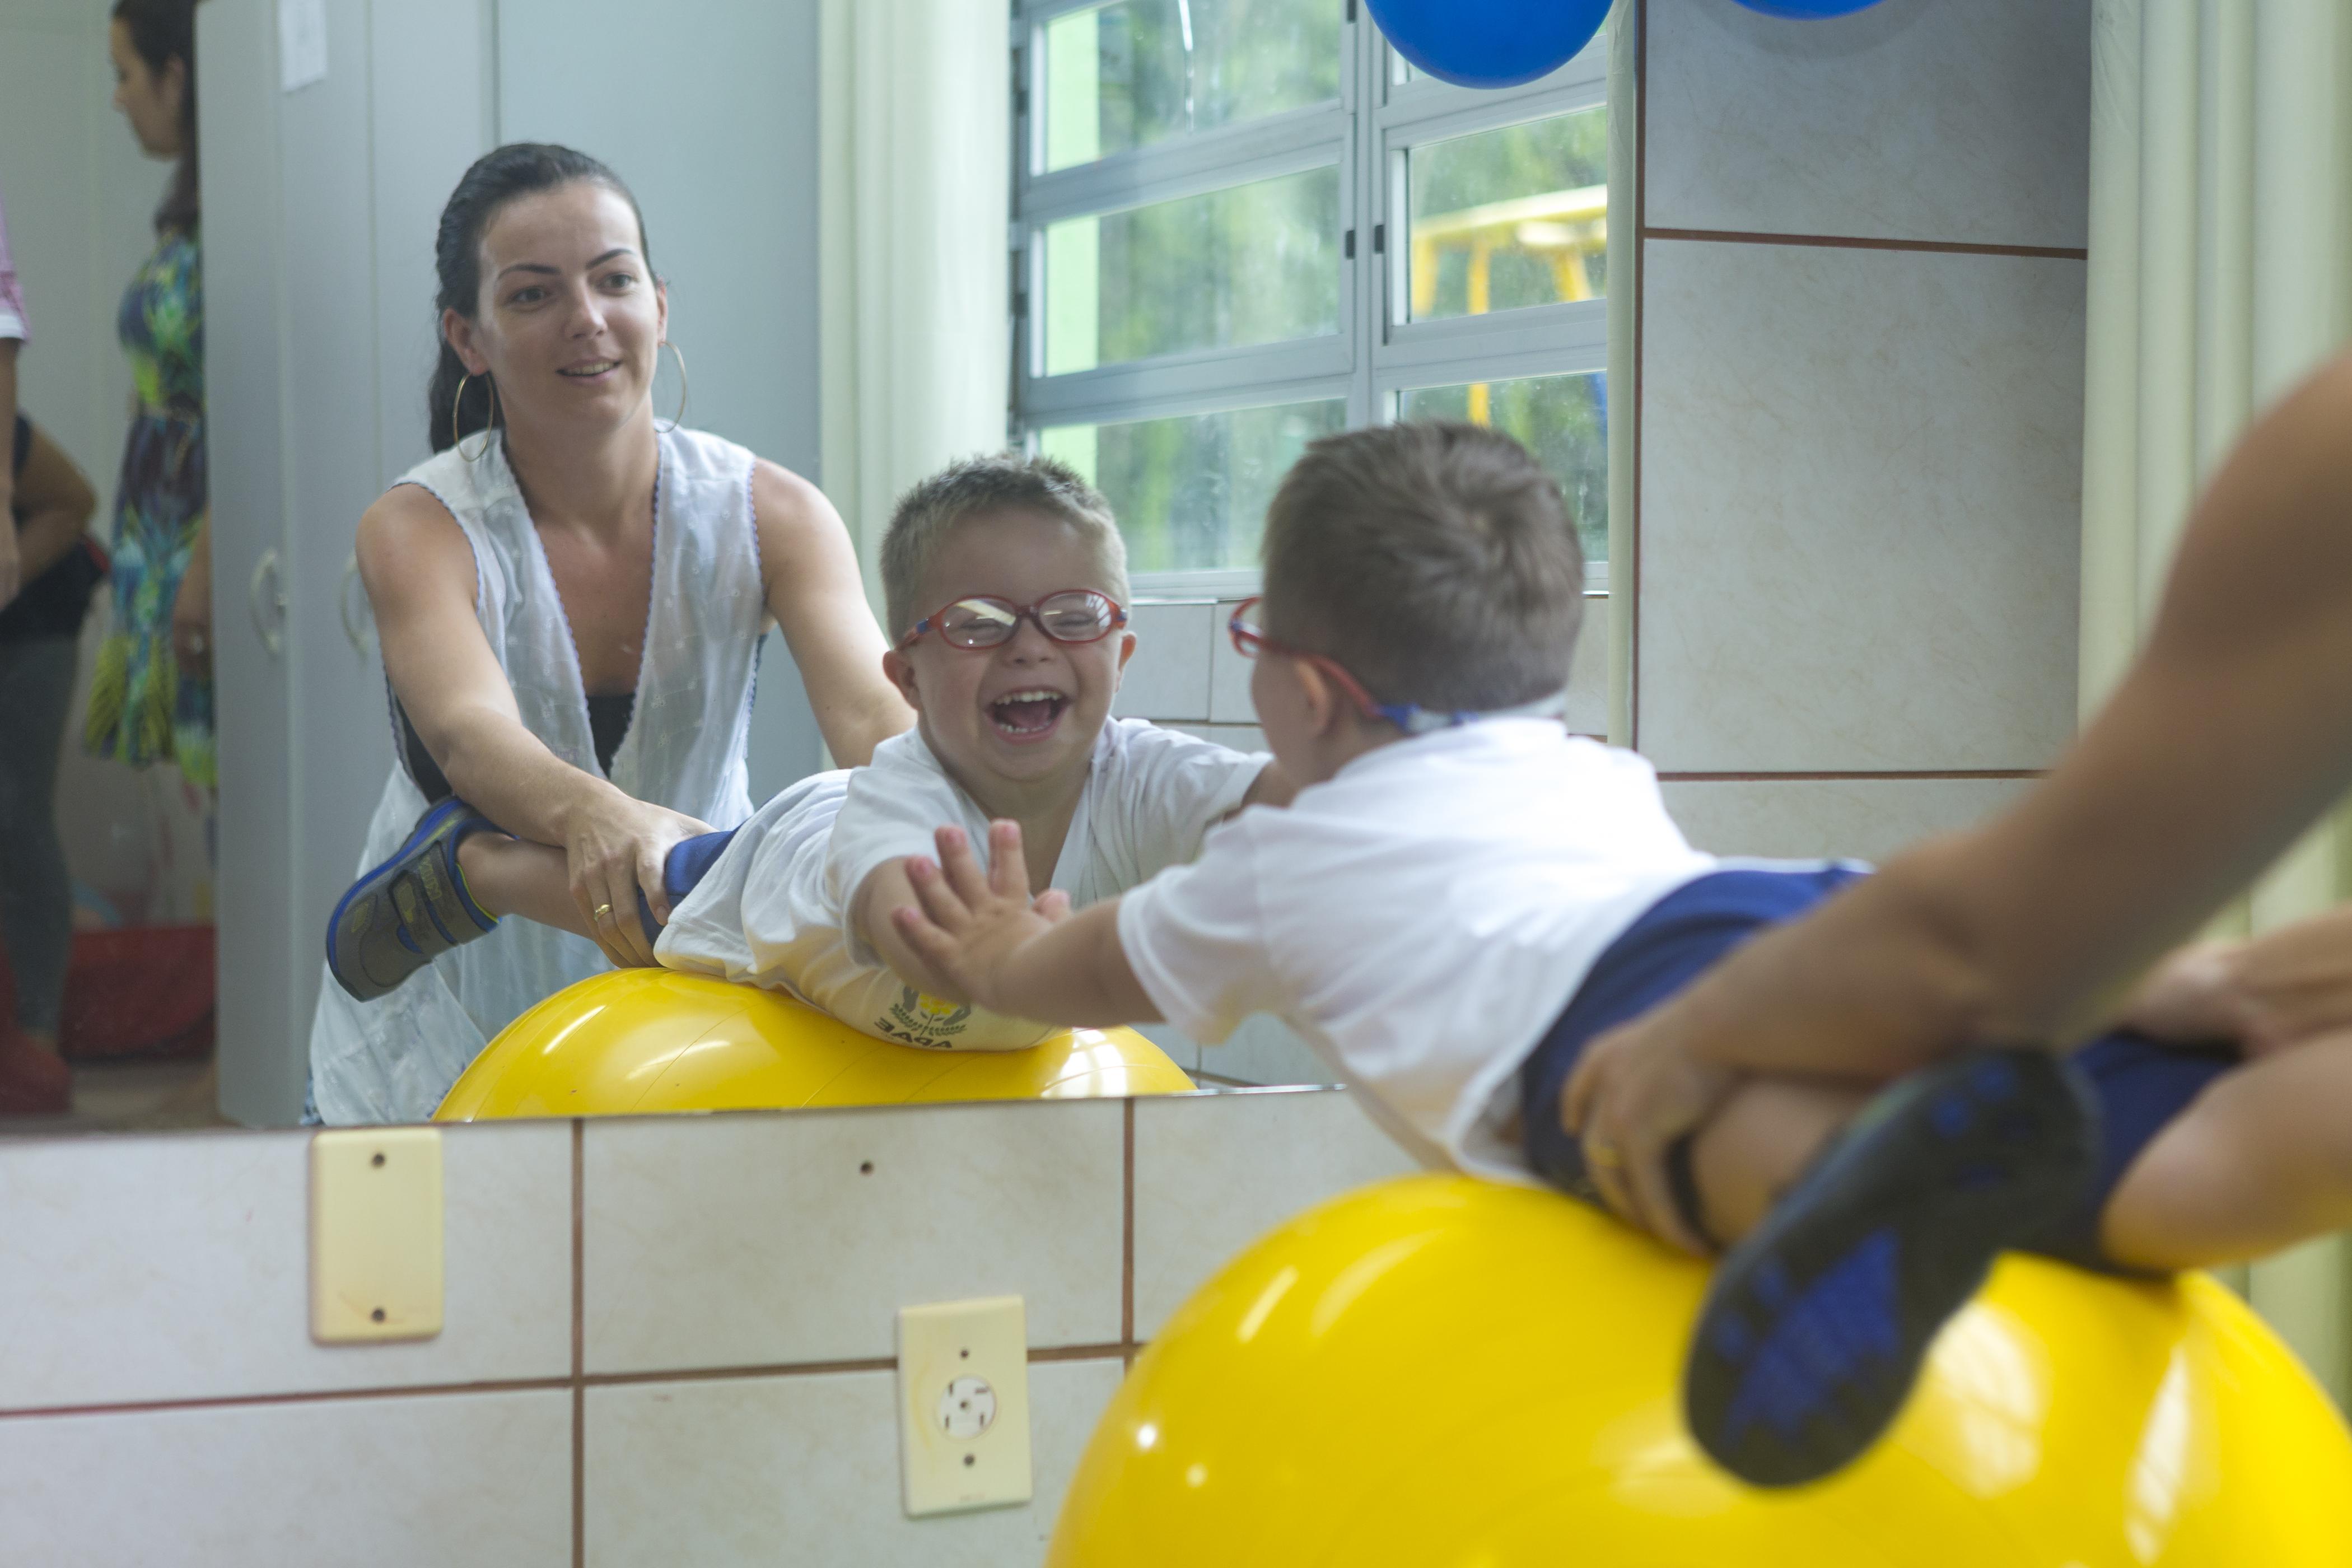 APAE Joinville 50 Anos: Instituição promove pedágio beneficente neste sábado (8/8), participe!